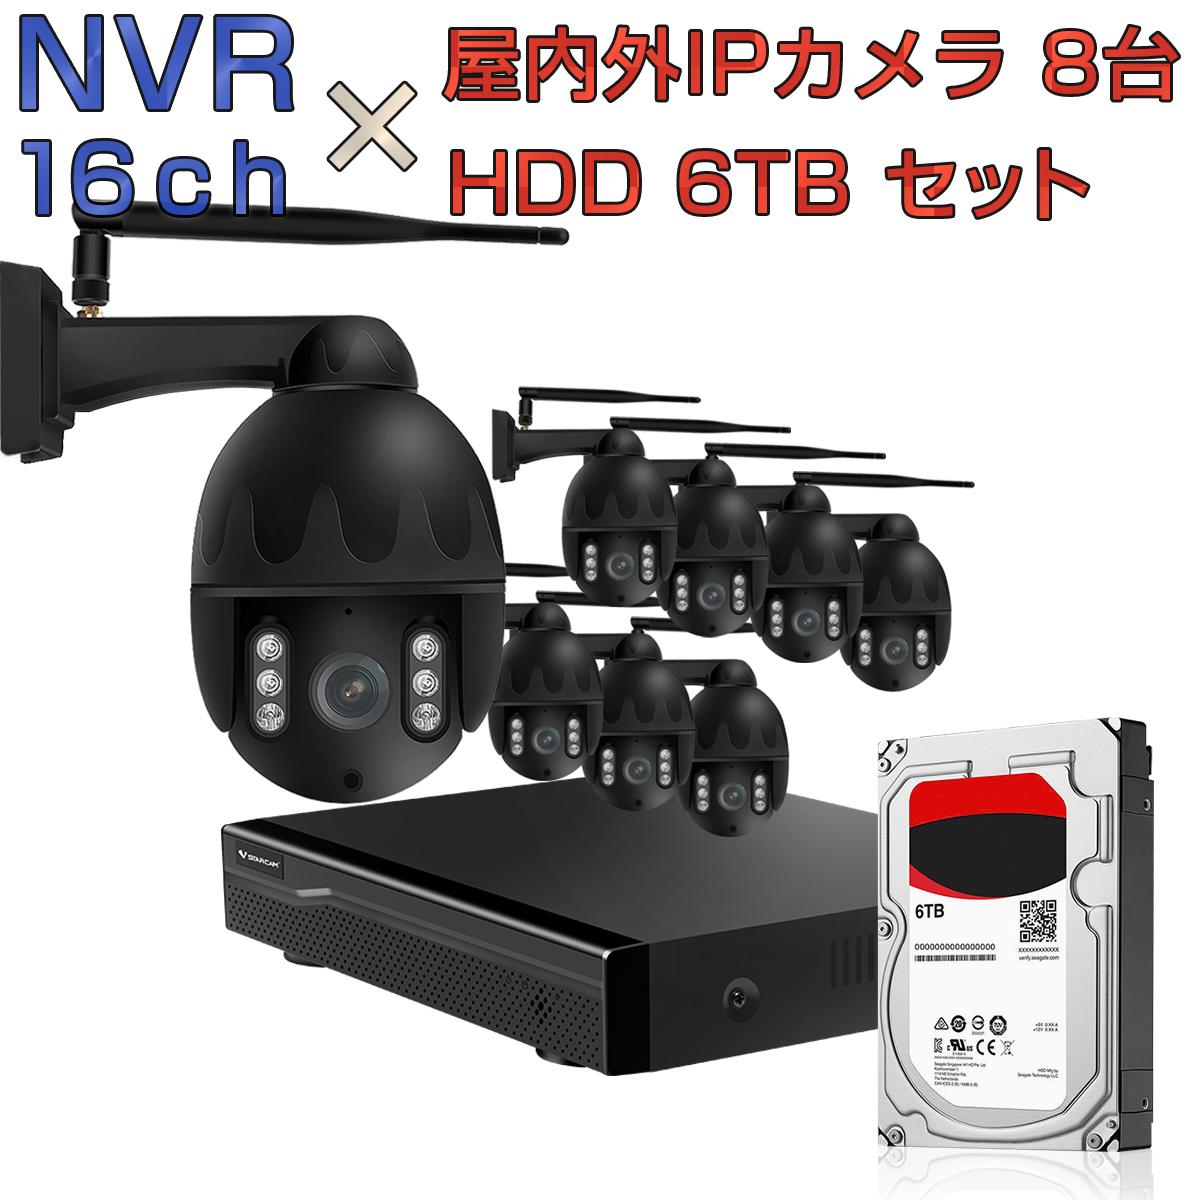 SSL NVR ネットワークビデオレコーダー 16ch HDD6TB内蔵 C31S 2K 1080p 200万画素カメラ 8台セット IP ONVIF形式 スマホ対応 遠隔監視 FHD 動体検知 同時出力 録音対応 H.265 IPカメラレコーダー監視シス